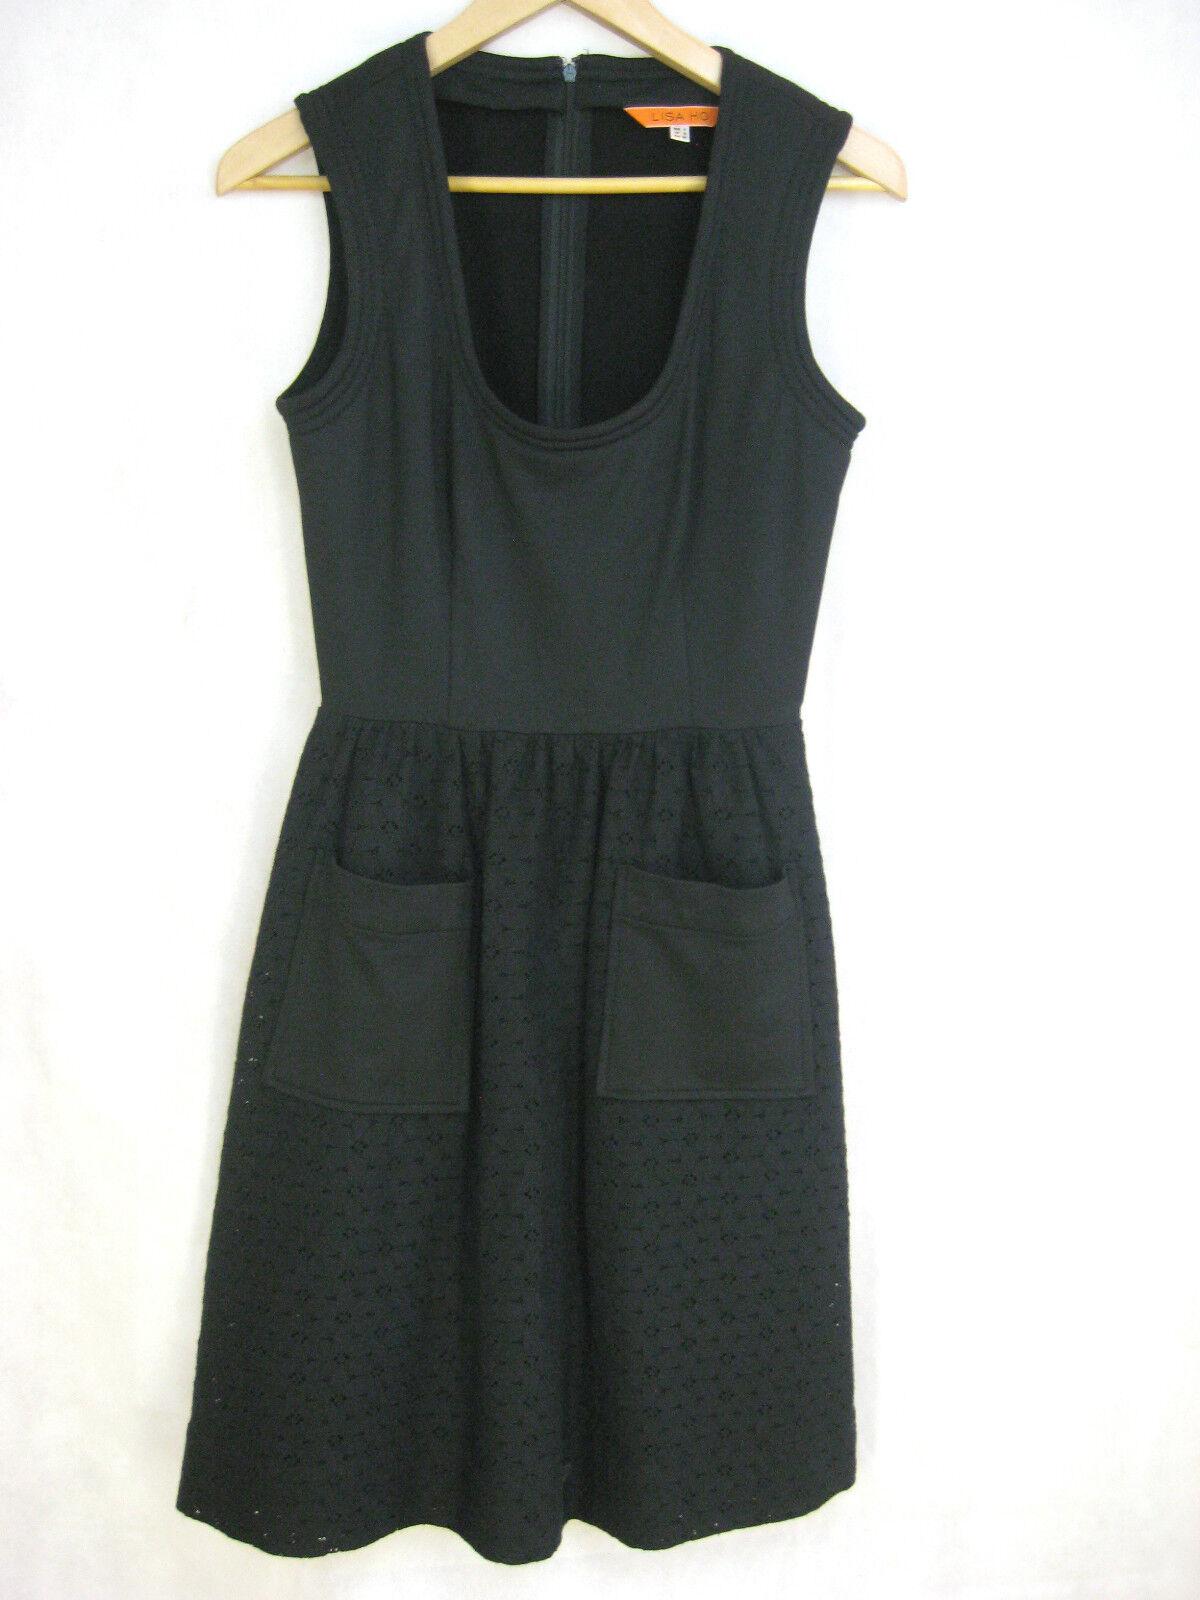 Lisa Ho Größe 6 8 schwarz cocktail party designer dress